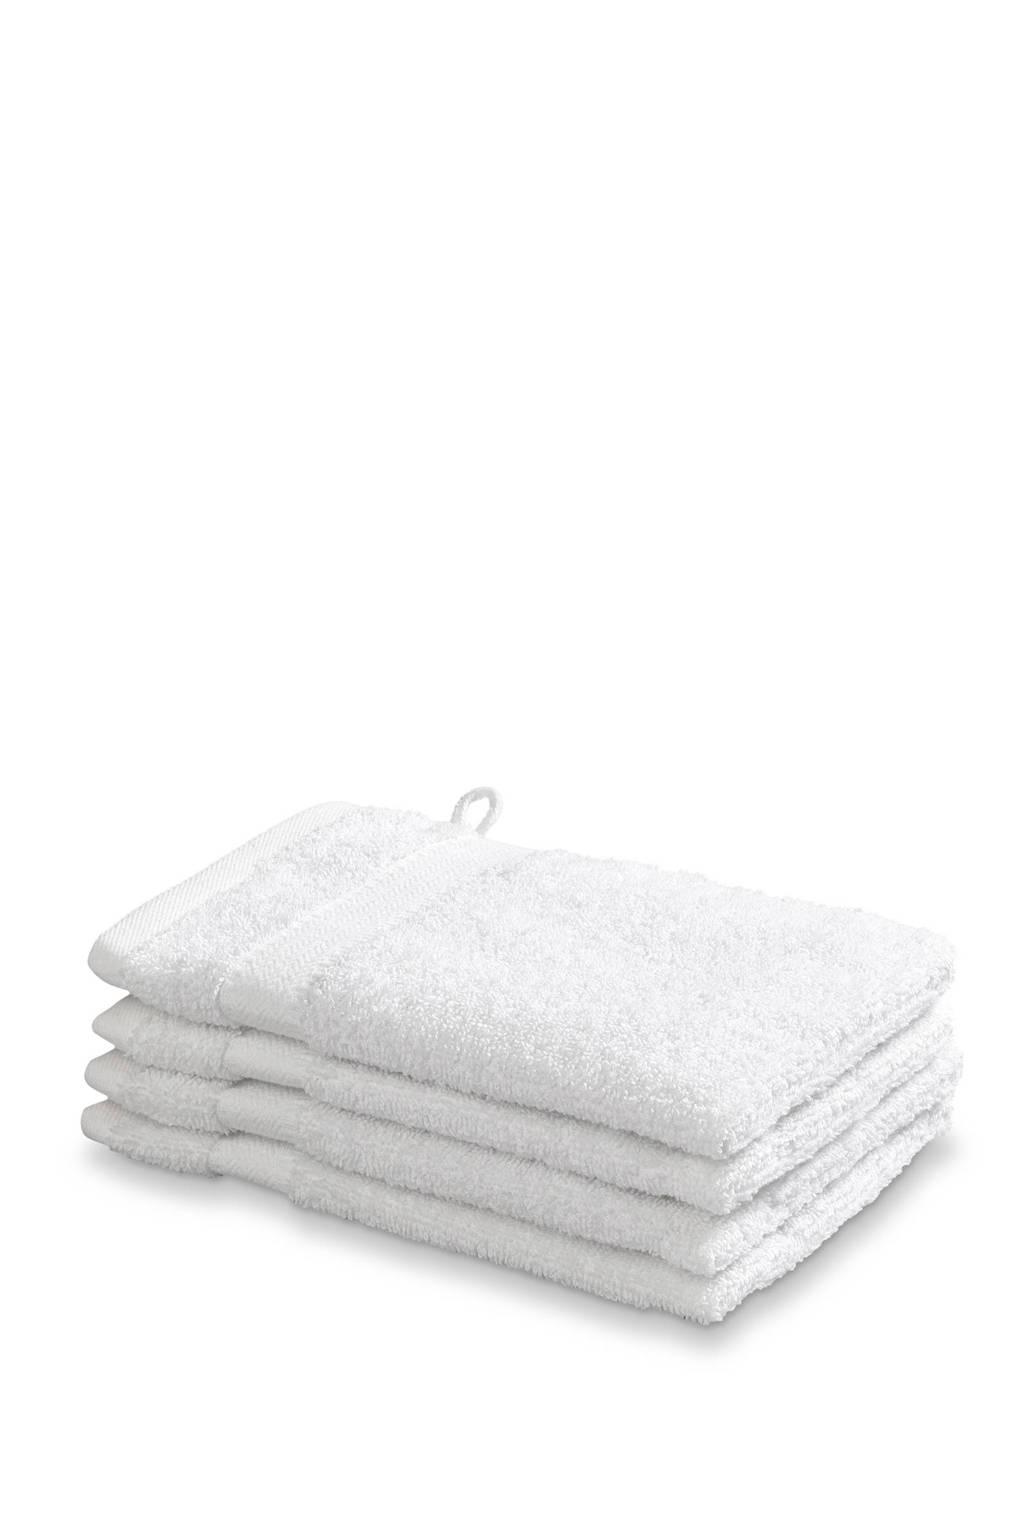 Vandyck washand (set van 4) (16x22 cm) Wit